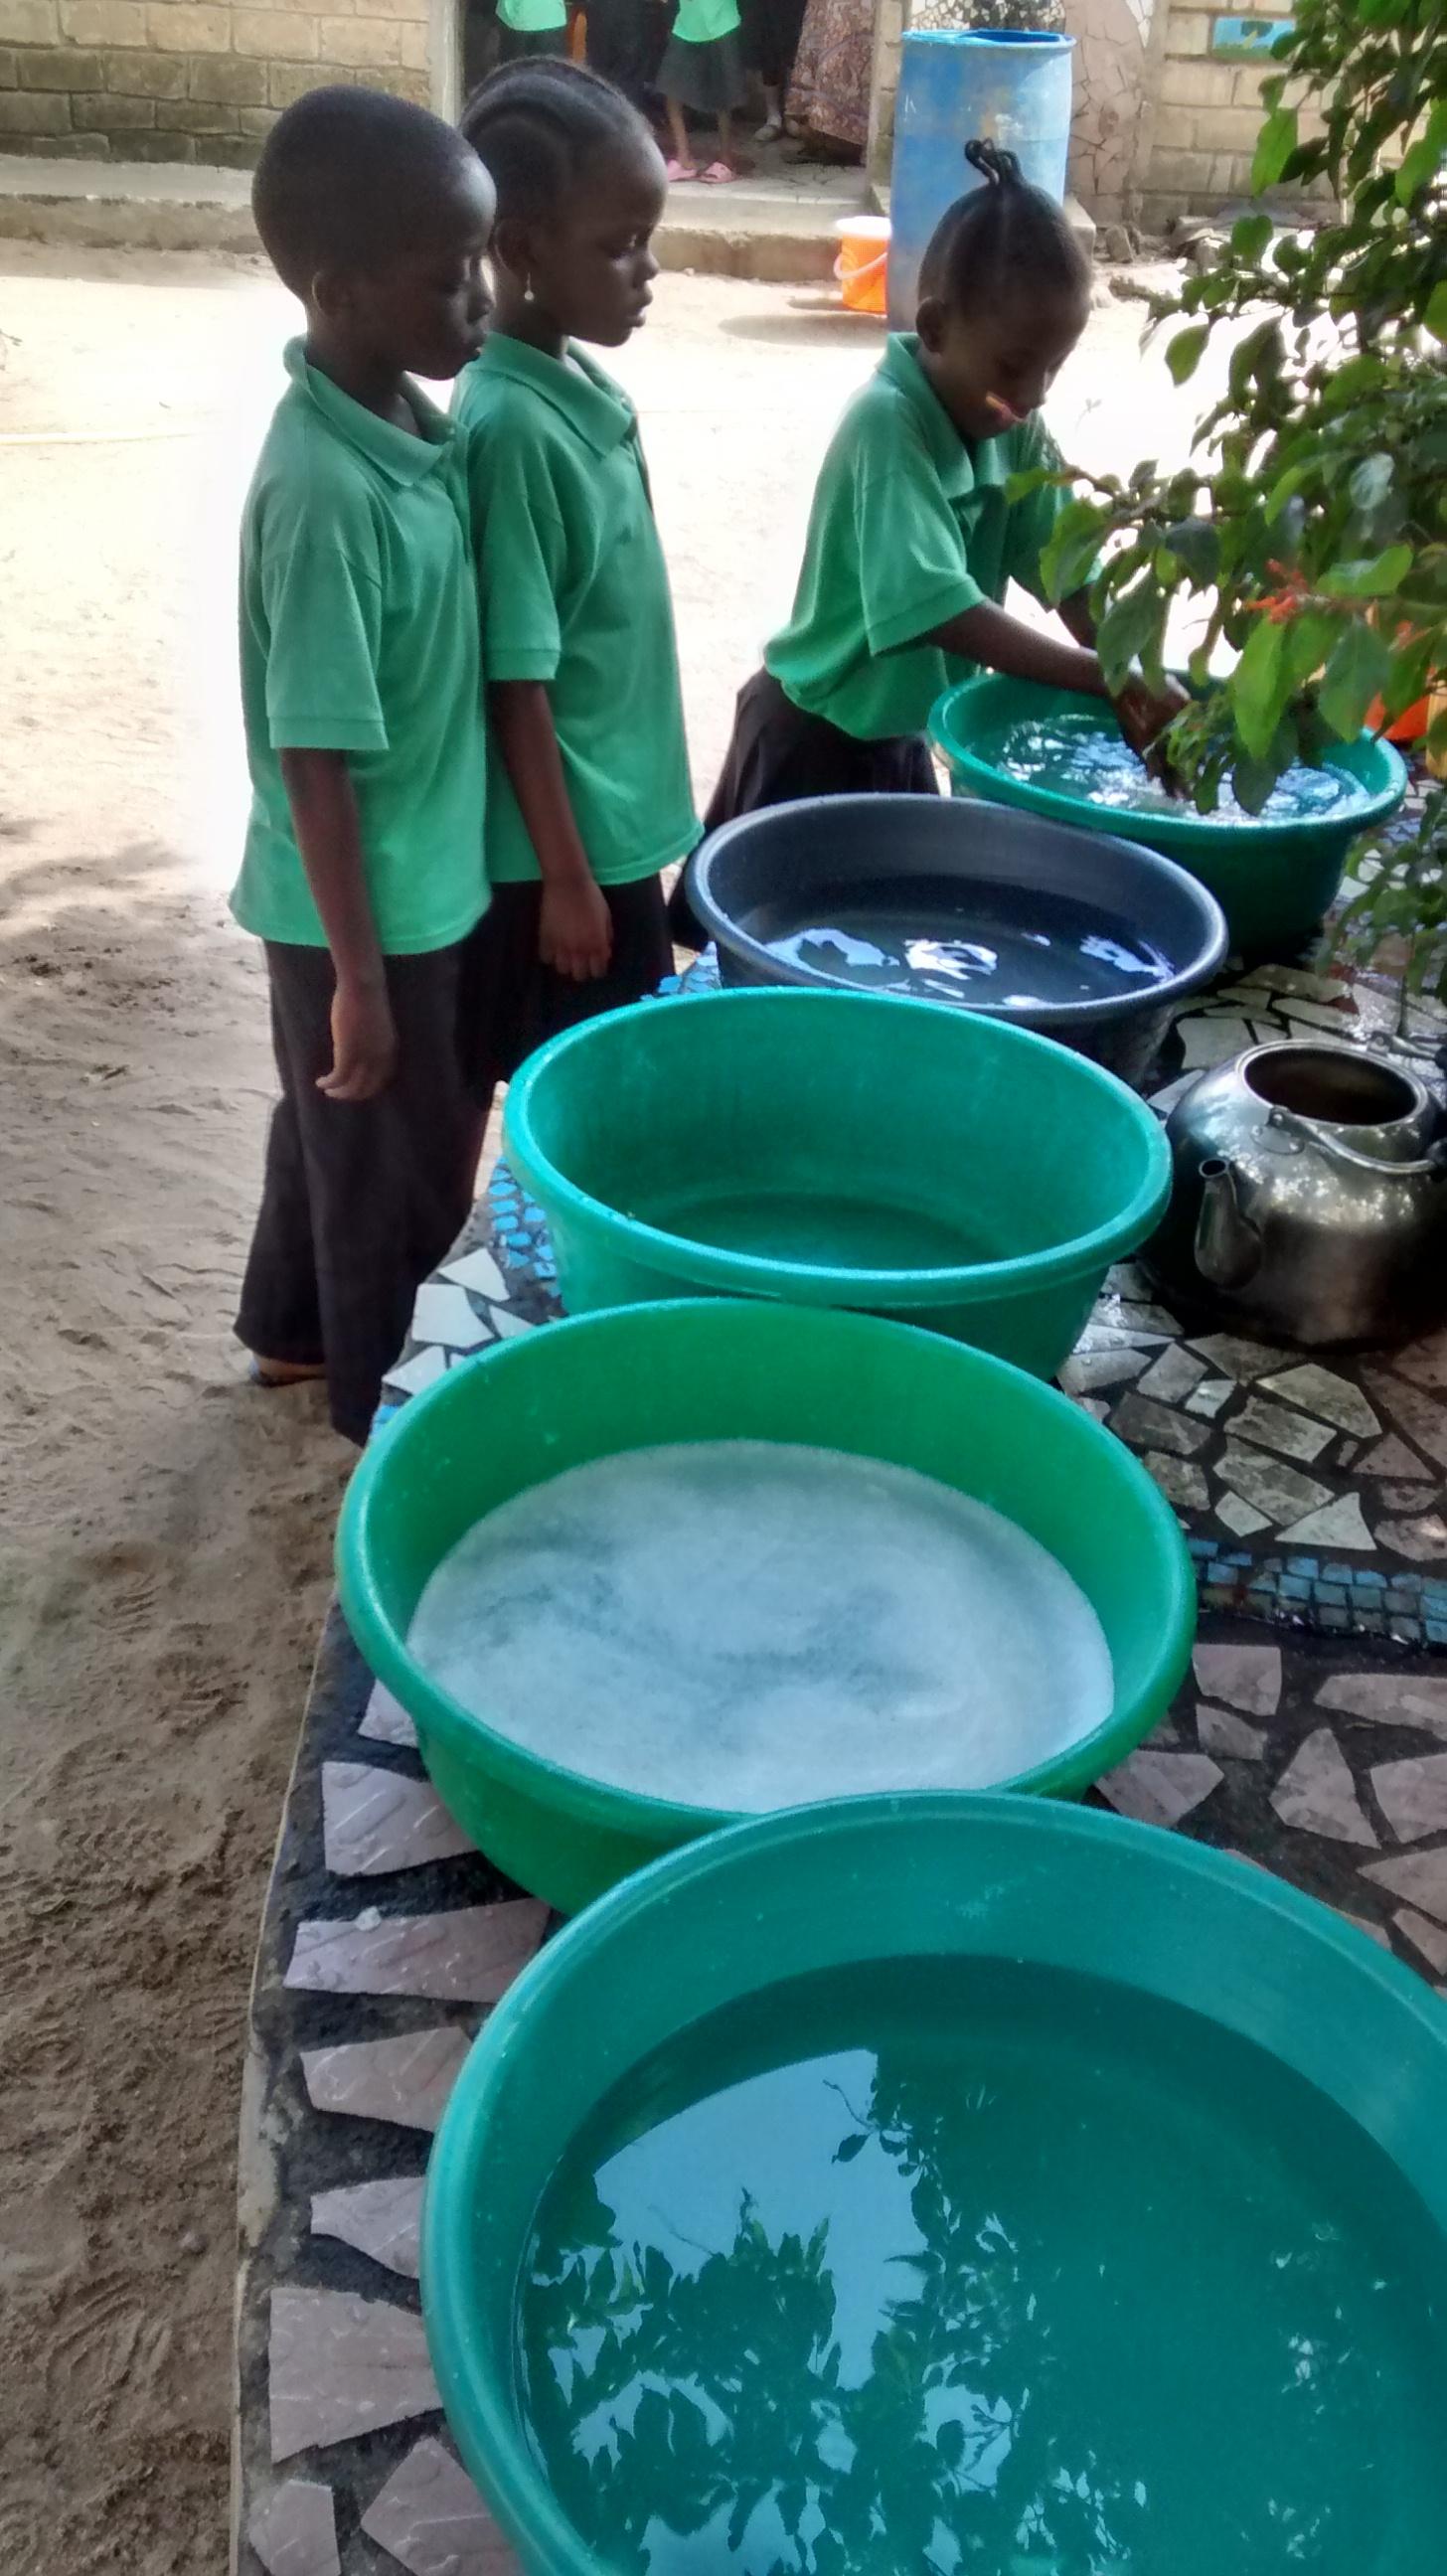 washing_hands_food.jpg